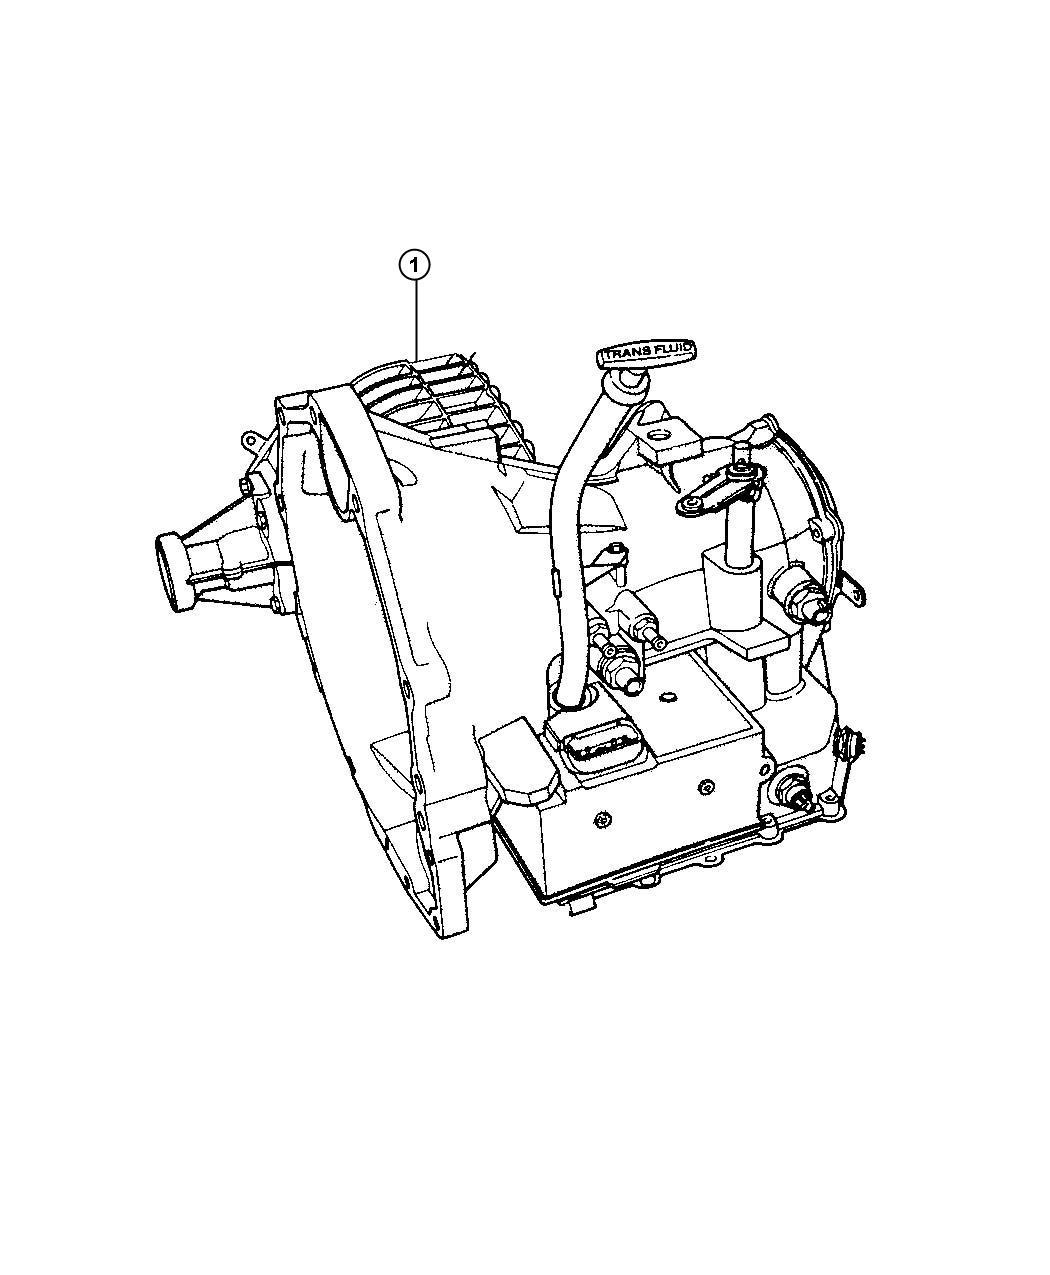 Chrysler Pacifica 41te Tran With Torque Converter